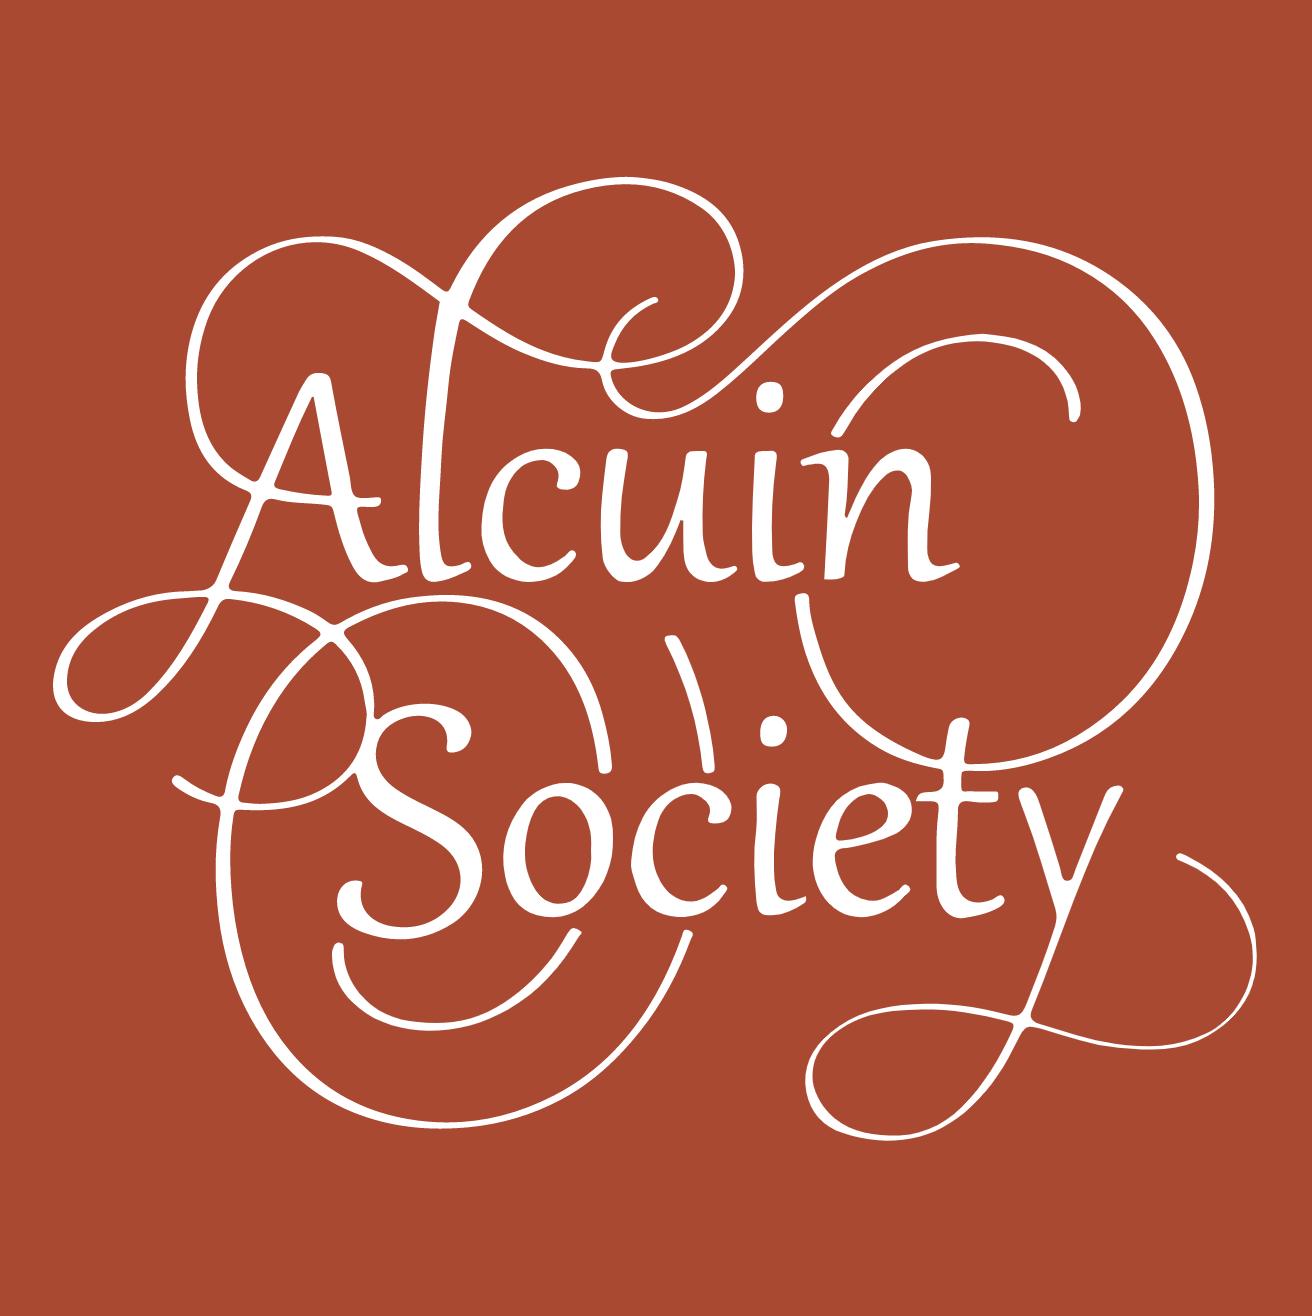 Alcuin Society logo